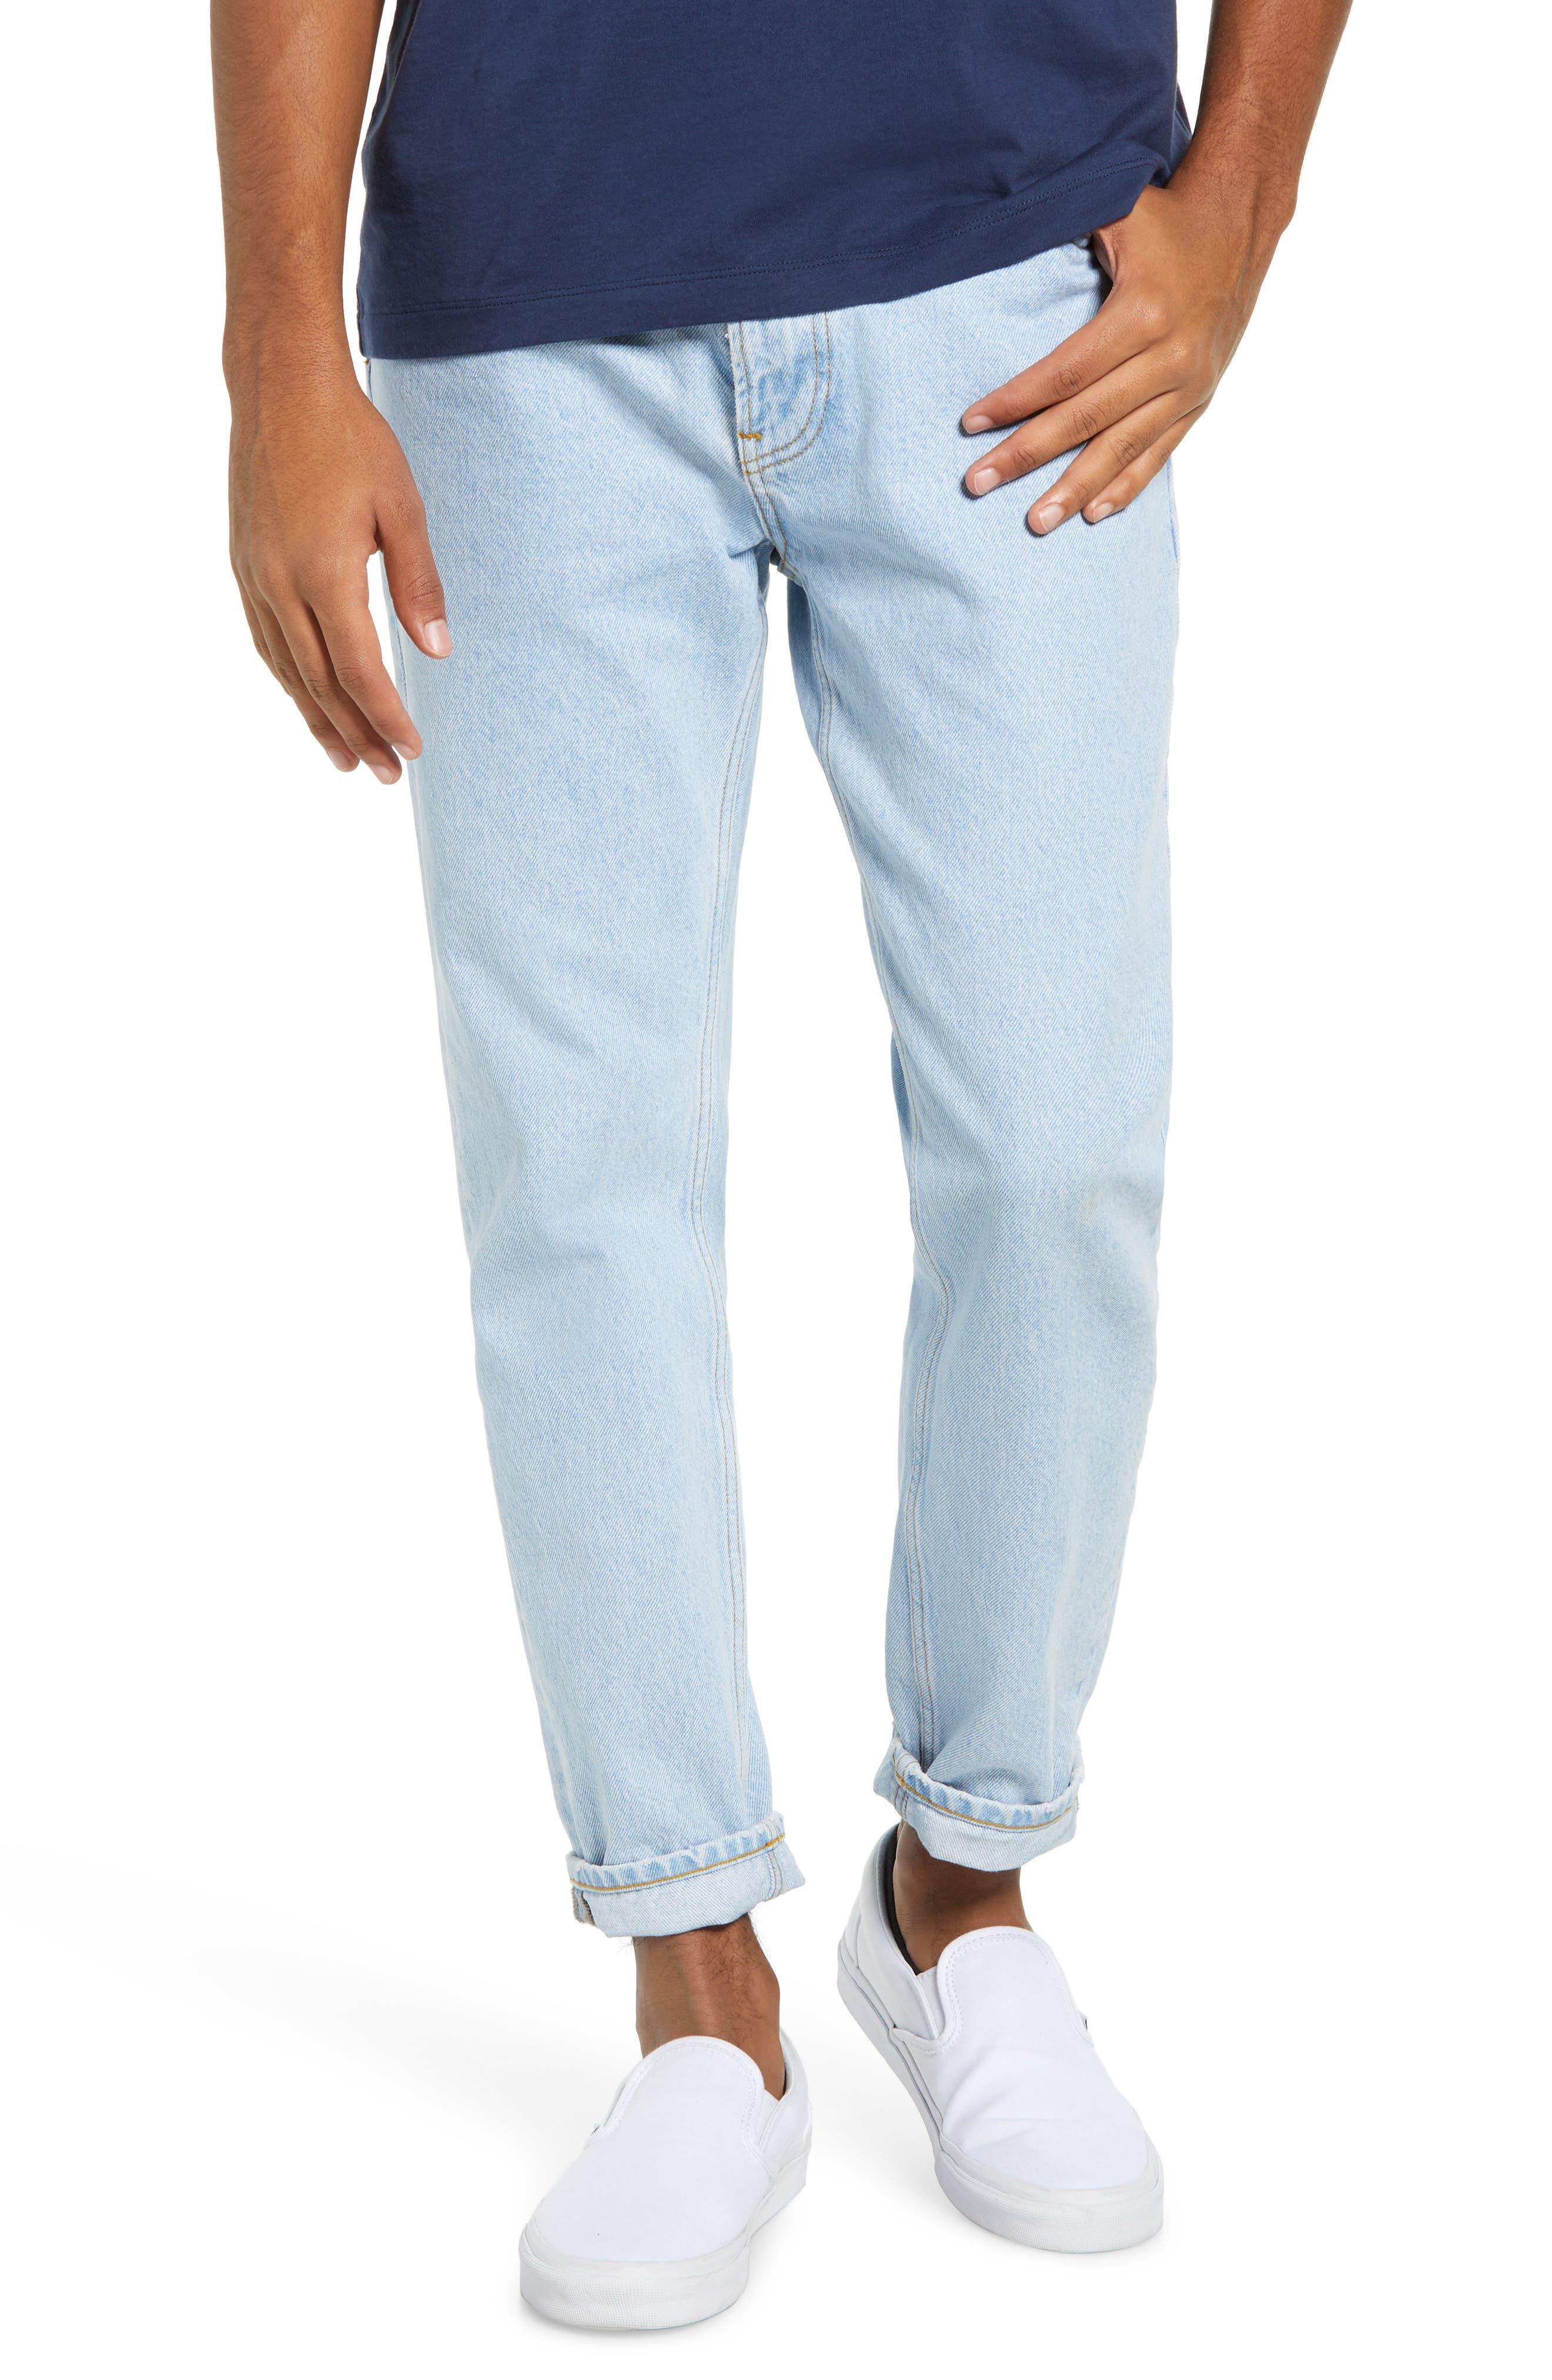 Crest Straight Leg Dad Jeans,                             Main thumbnail 1, color,                             LIGHT BLUE DENIM